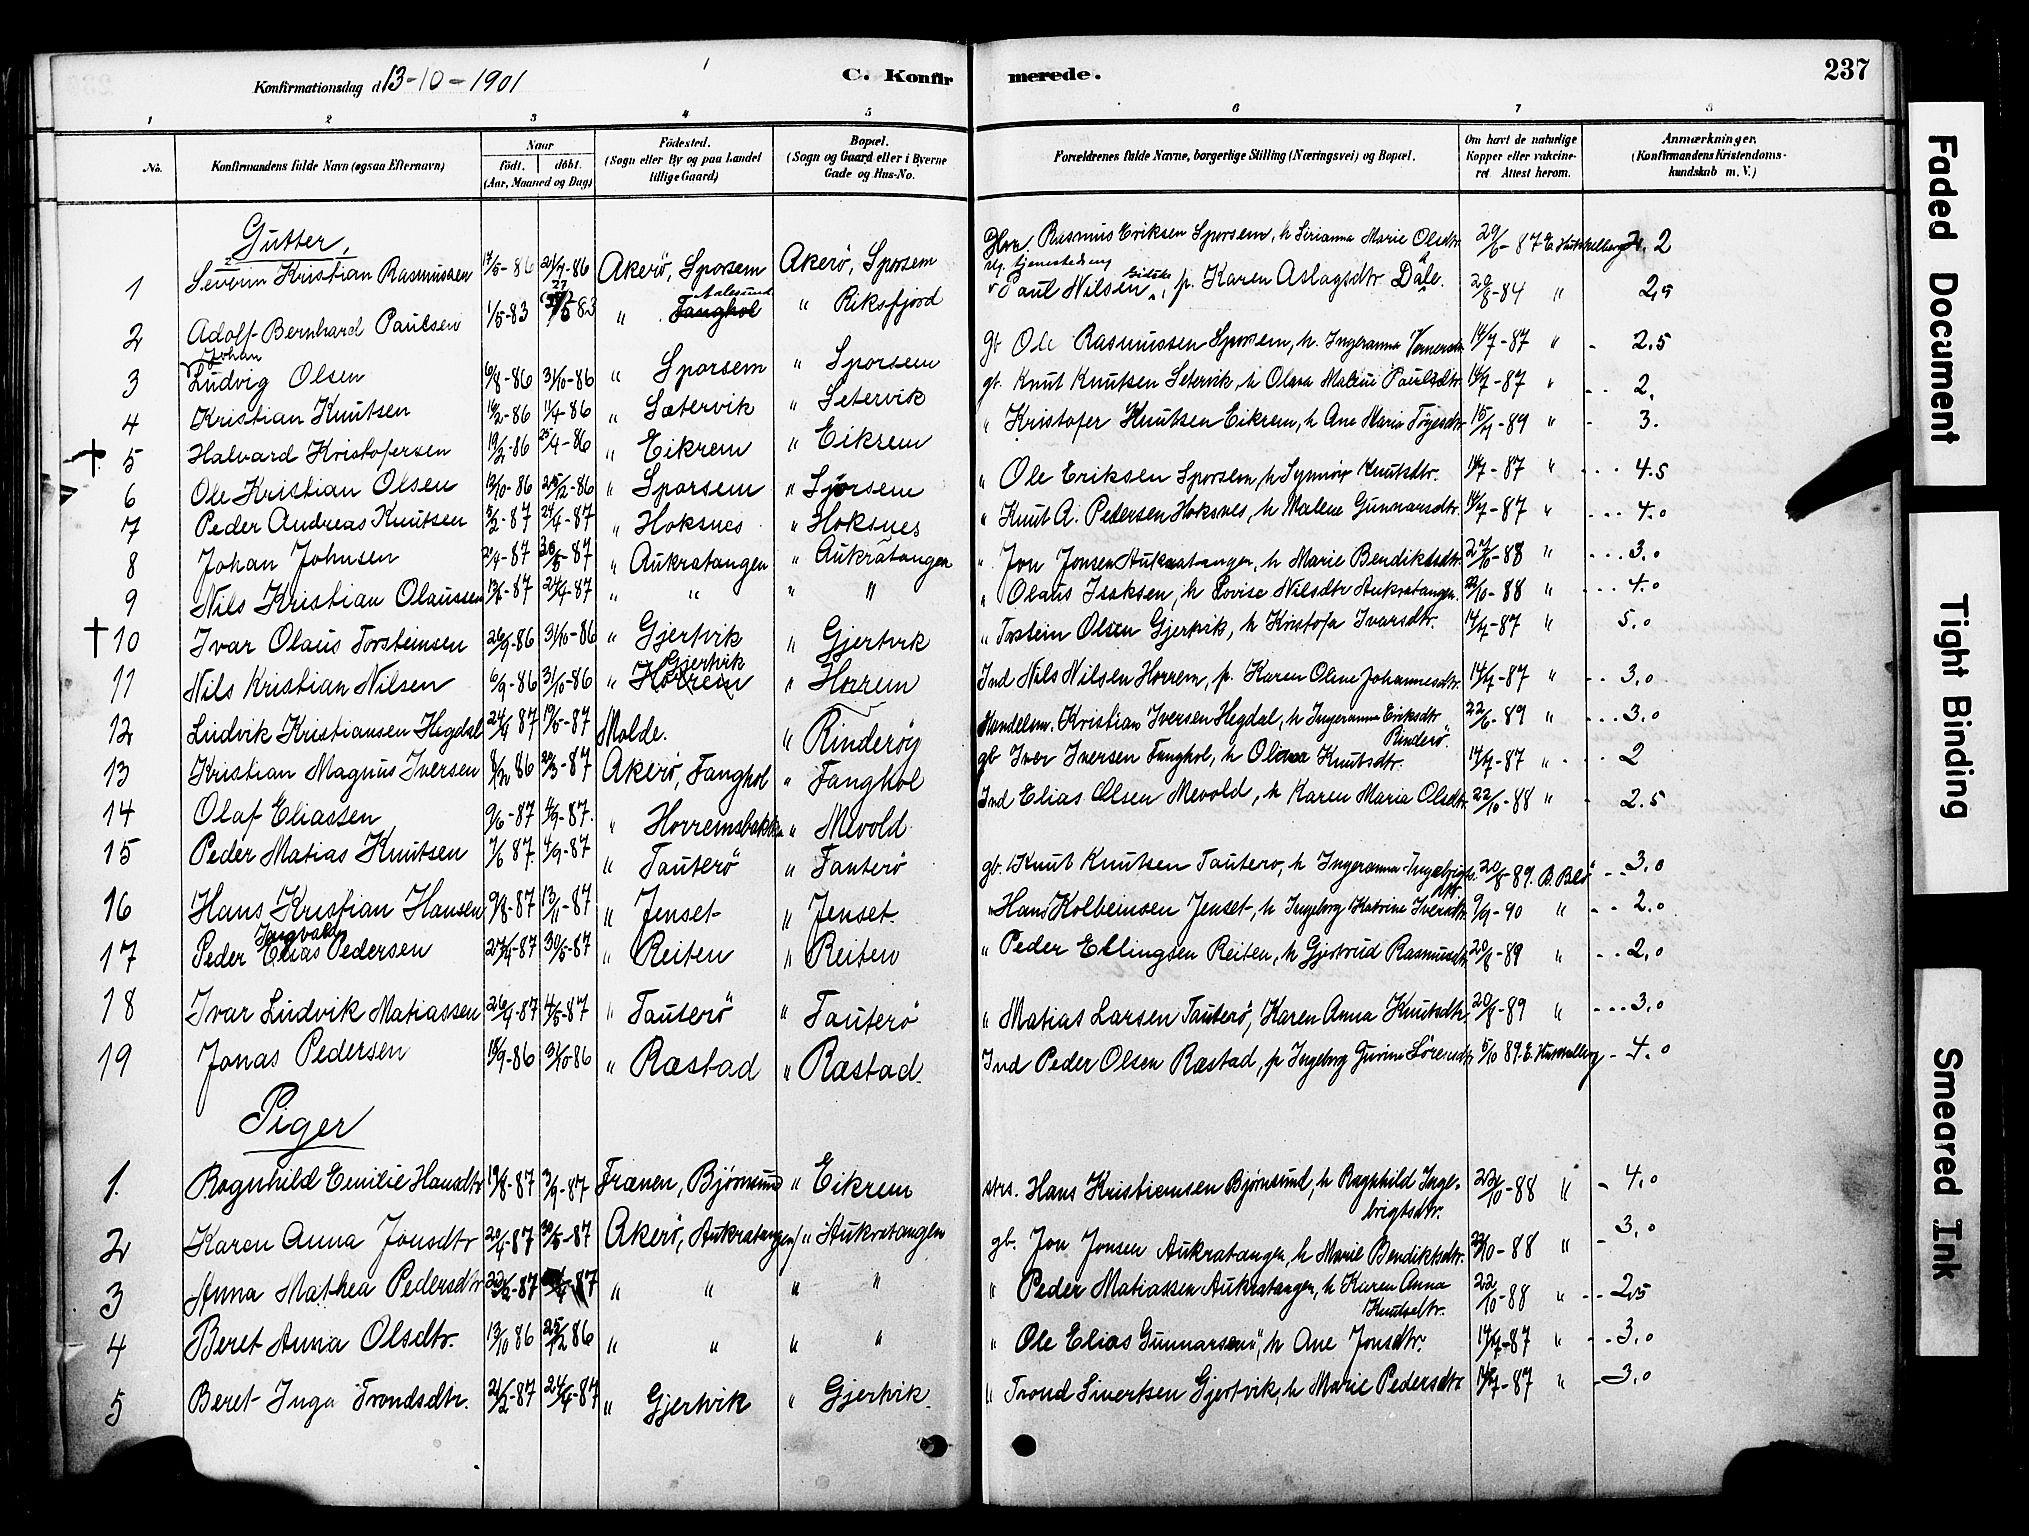 SAT, Ministerialprotokoller, klokkerbøker og fødselsregistre - Møre og Romsdal, 560/L0721: Ministerialbok nr. 560A05, 1878-1917, s. 237